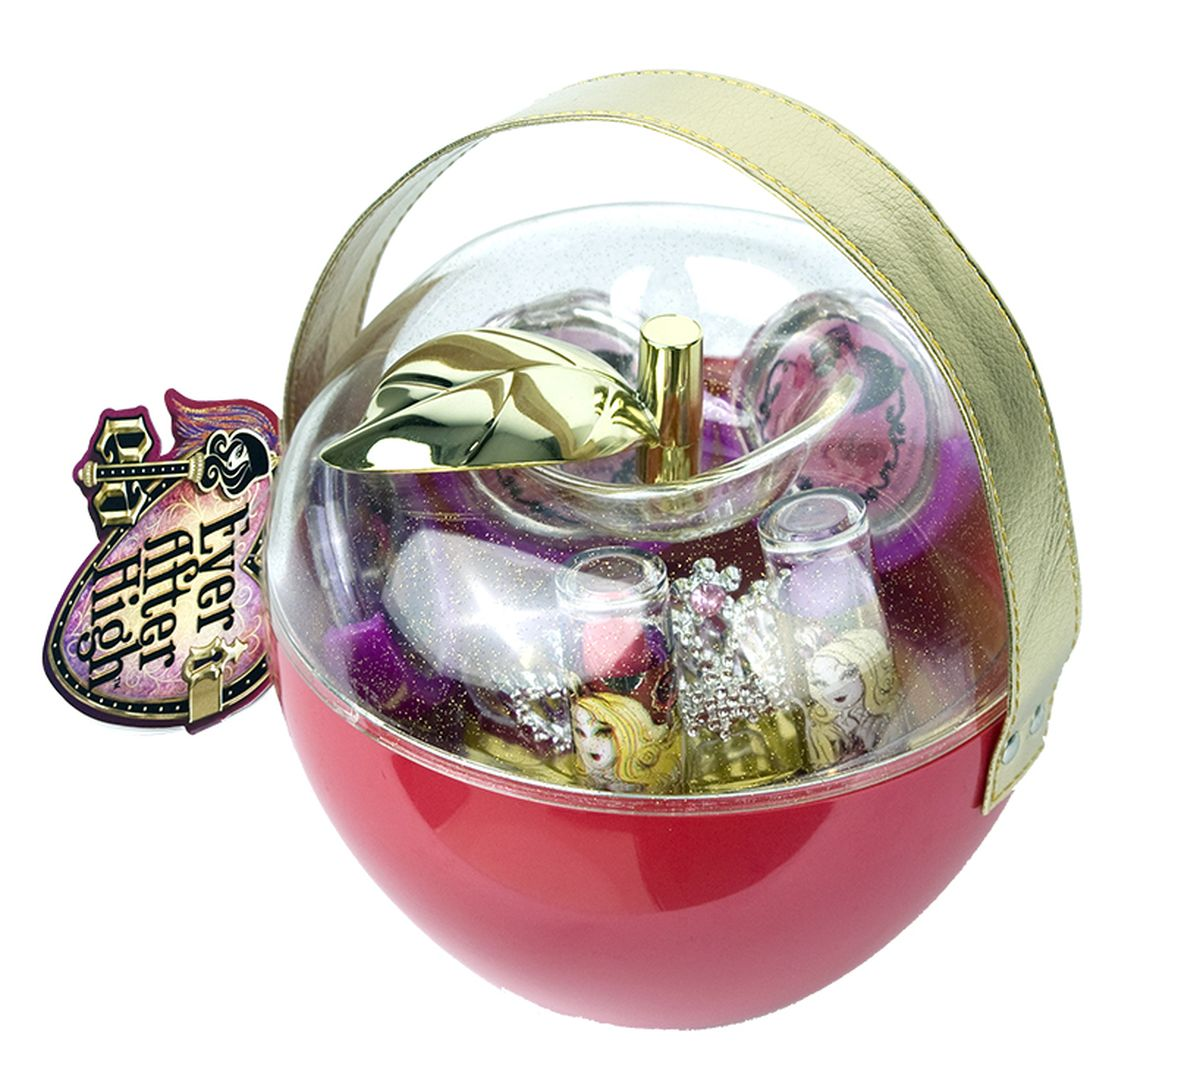 Markwins Игровой набор детской декоративной косметики Ever After High в яблоке15032030Состав набора: блески для губ 6 оттенков, губные помады в футлярах 2 шт., тиара 1 шт.